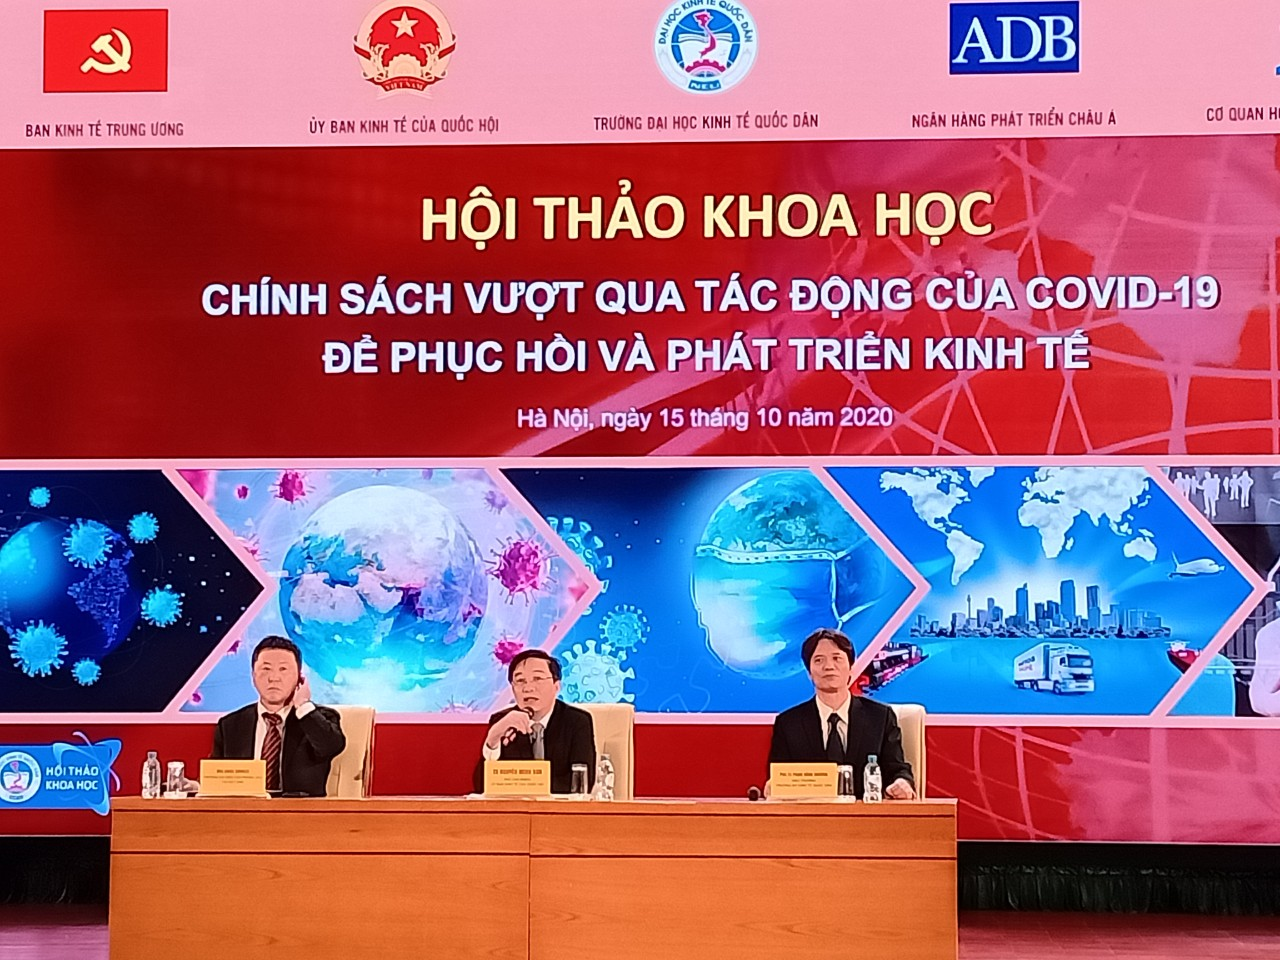 Doanh nghiệp Việt Nam kì vọng gì ở gói hỗ trợ chính sách lần 2? - Ảnh 1.